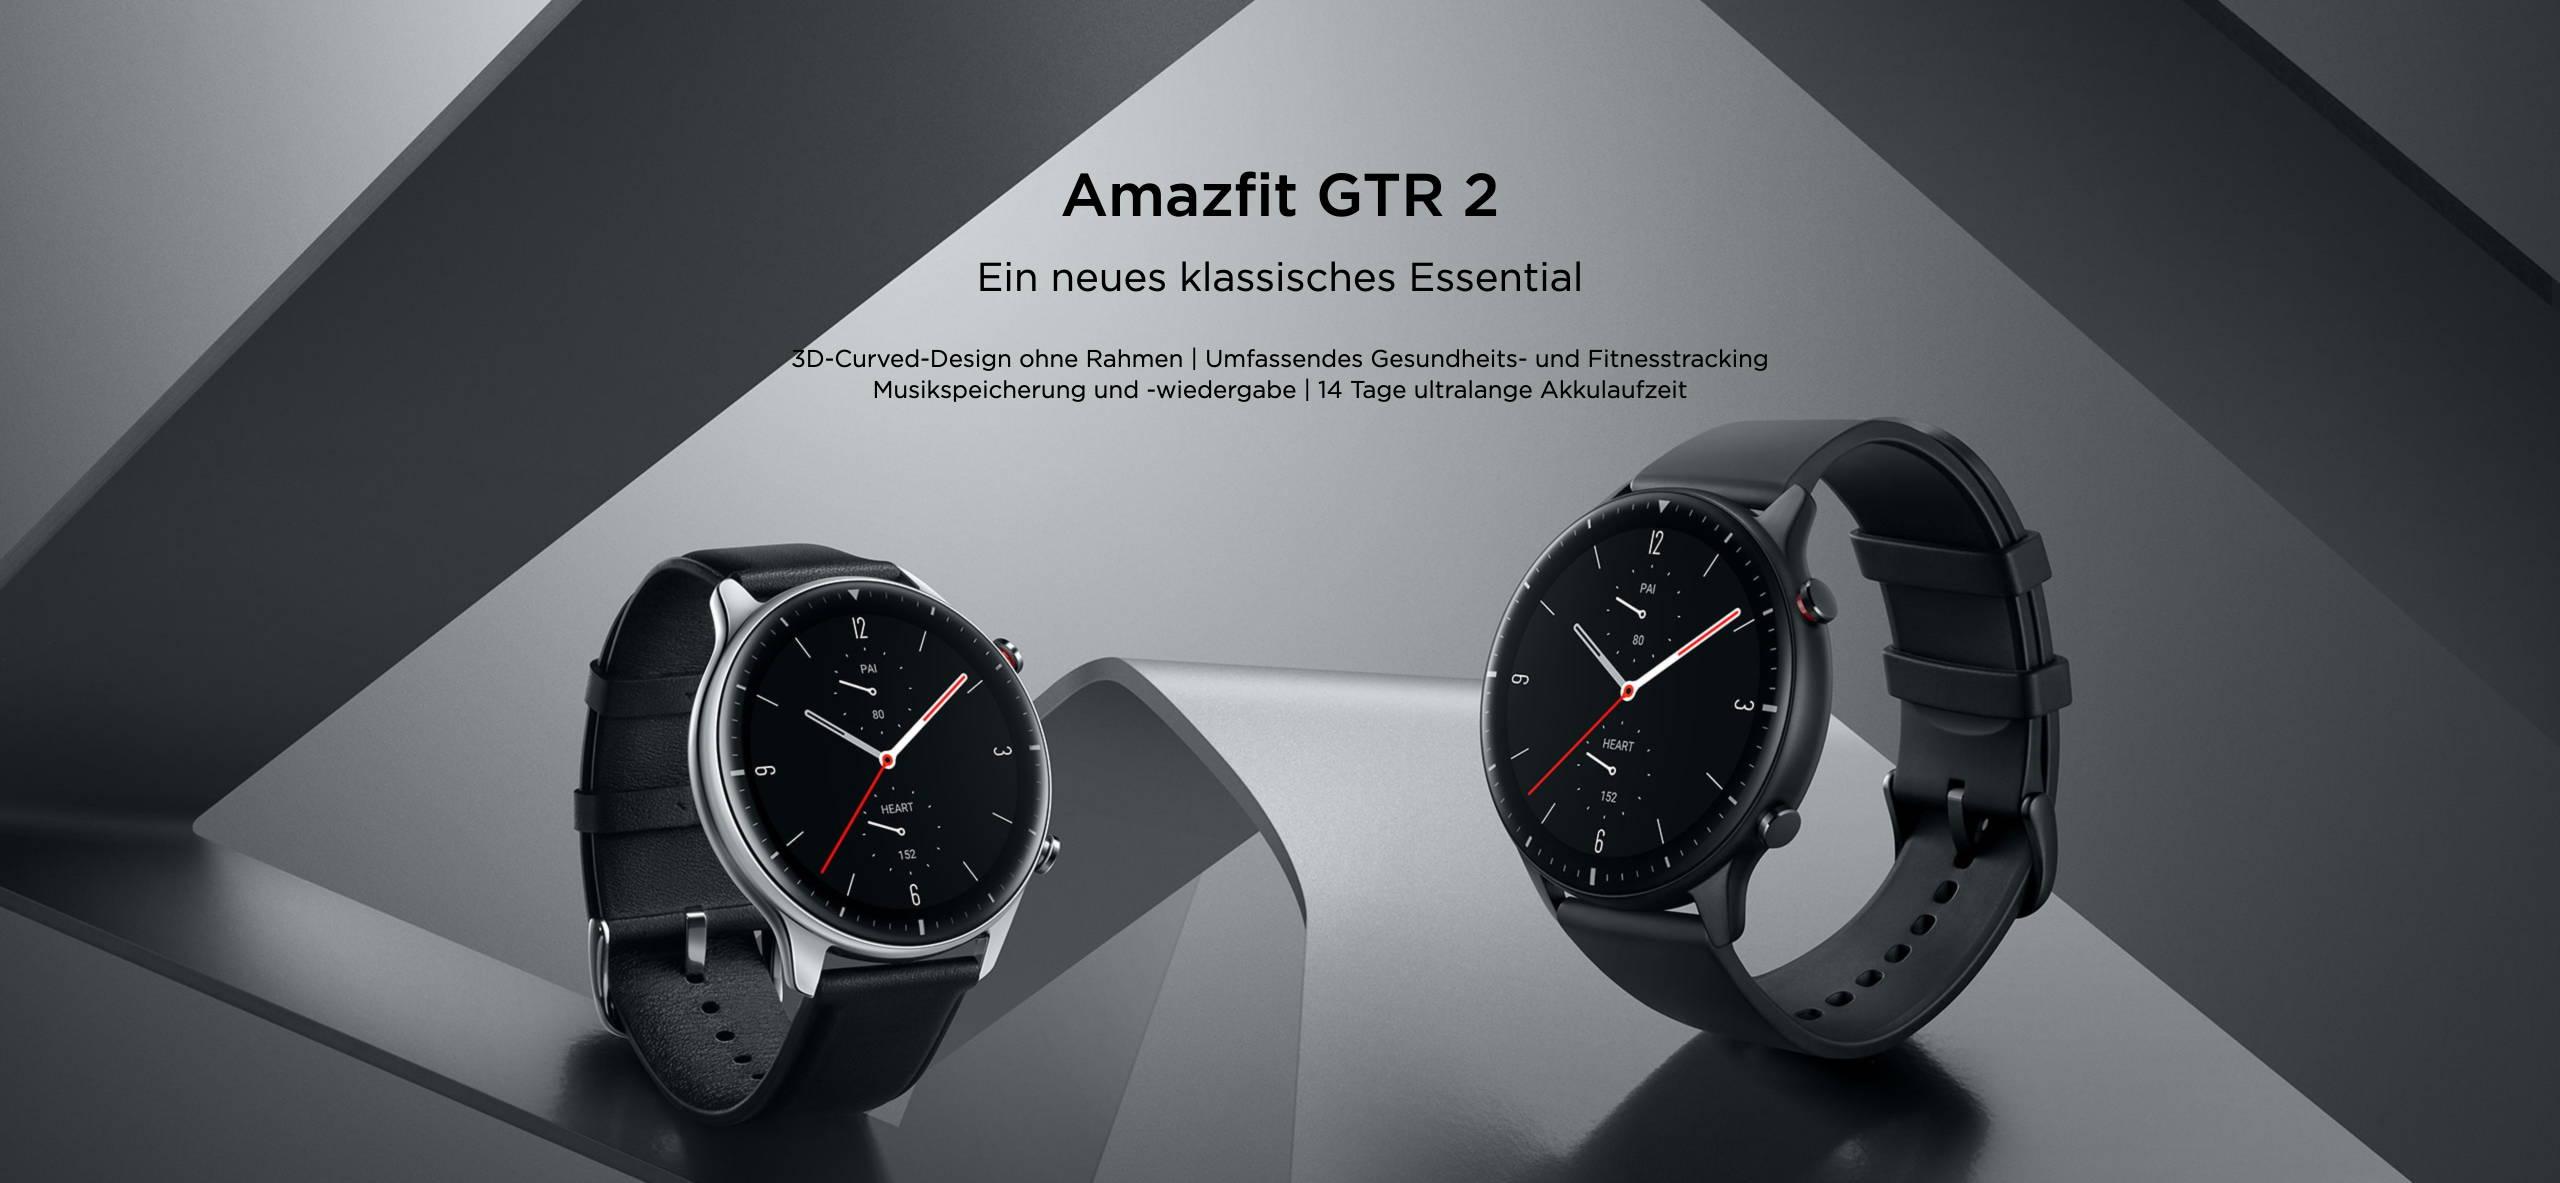 Amazfit GTR 2 - Ein neues klassisches Essential  3D-Curved-Design ohne Rahmen | Umfassendes Gesundheits- und Fitnesstracking Musikspeicherung und -wiedergabe | 14 Tage ultralange Akkulaufzeit